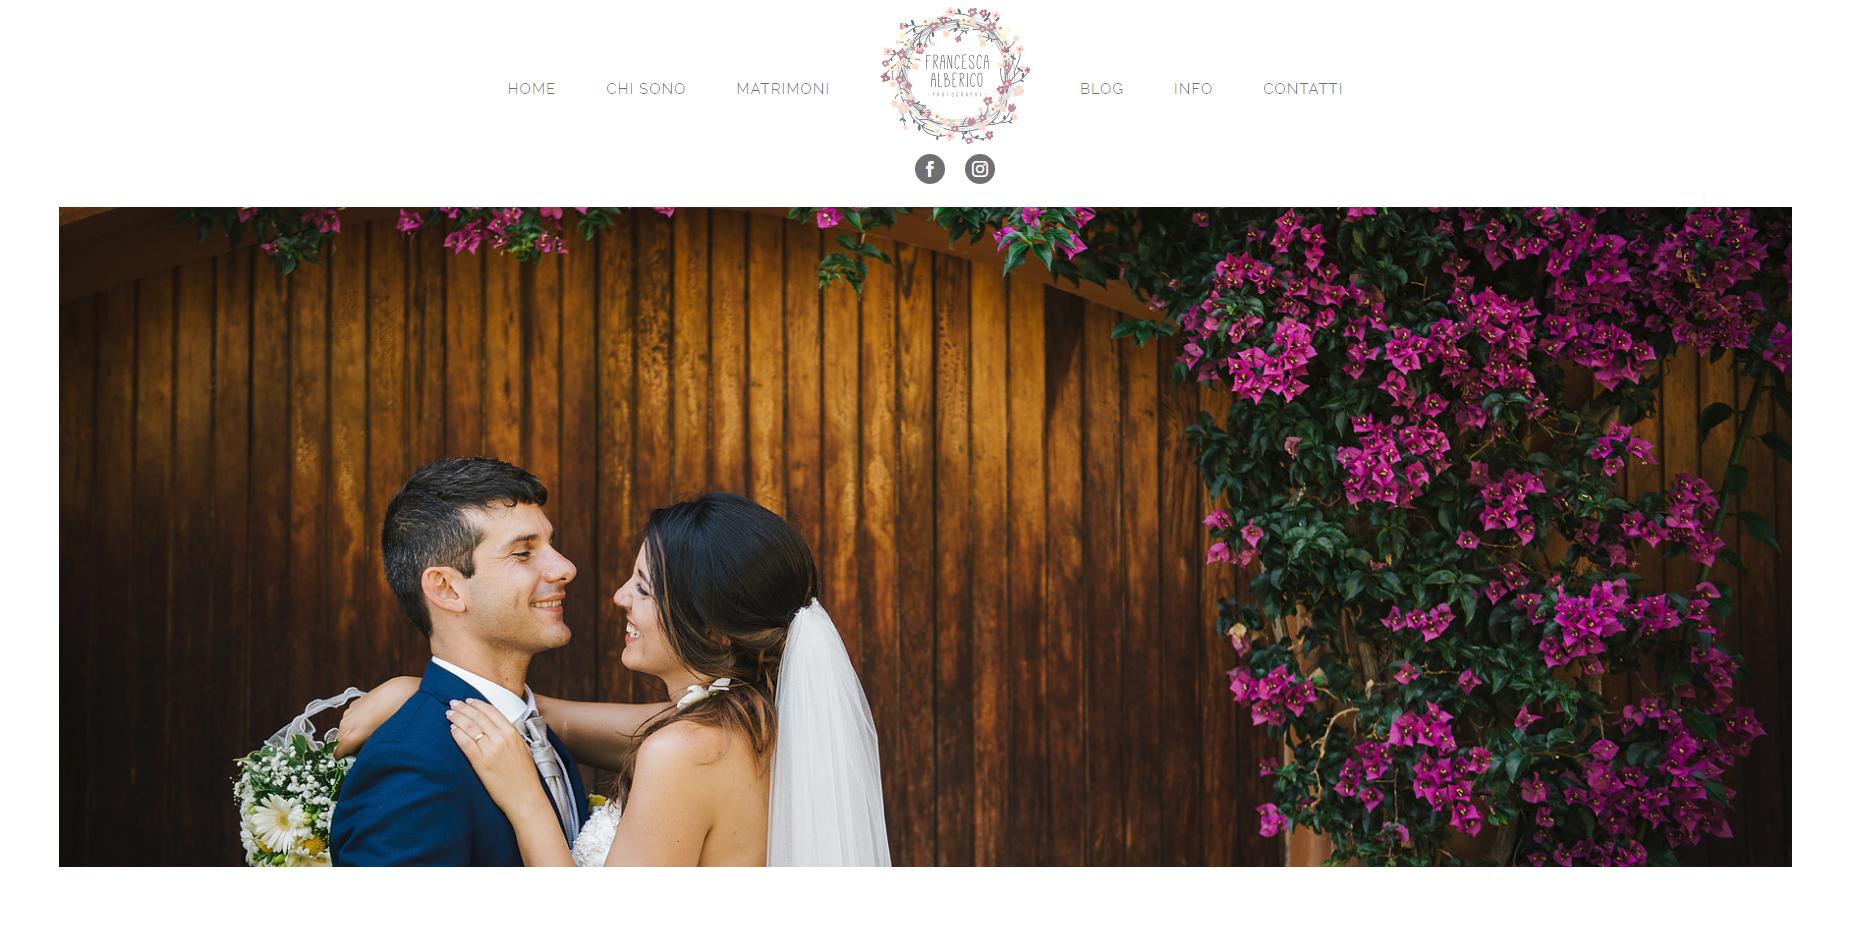 sito-web-per-fotografa